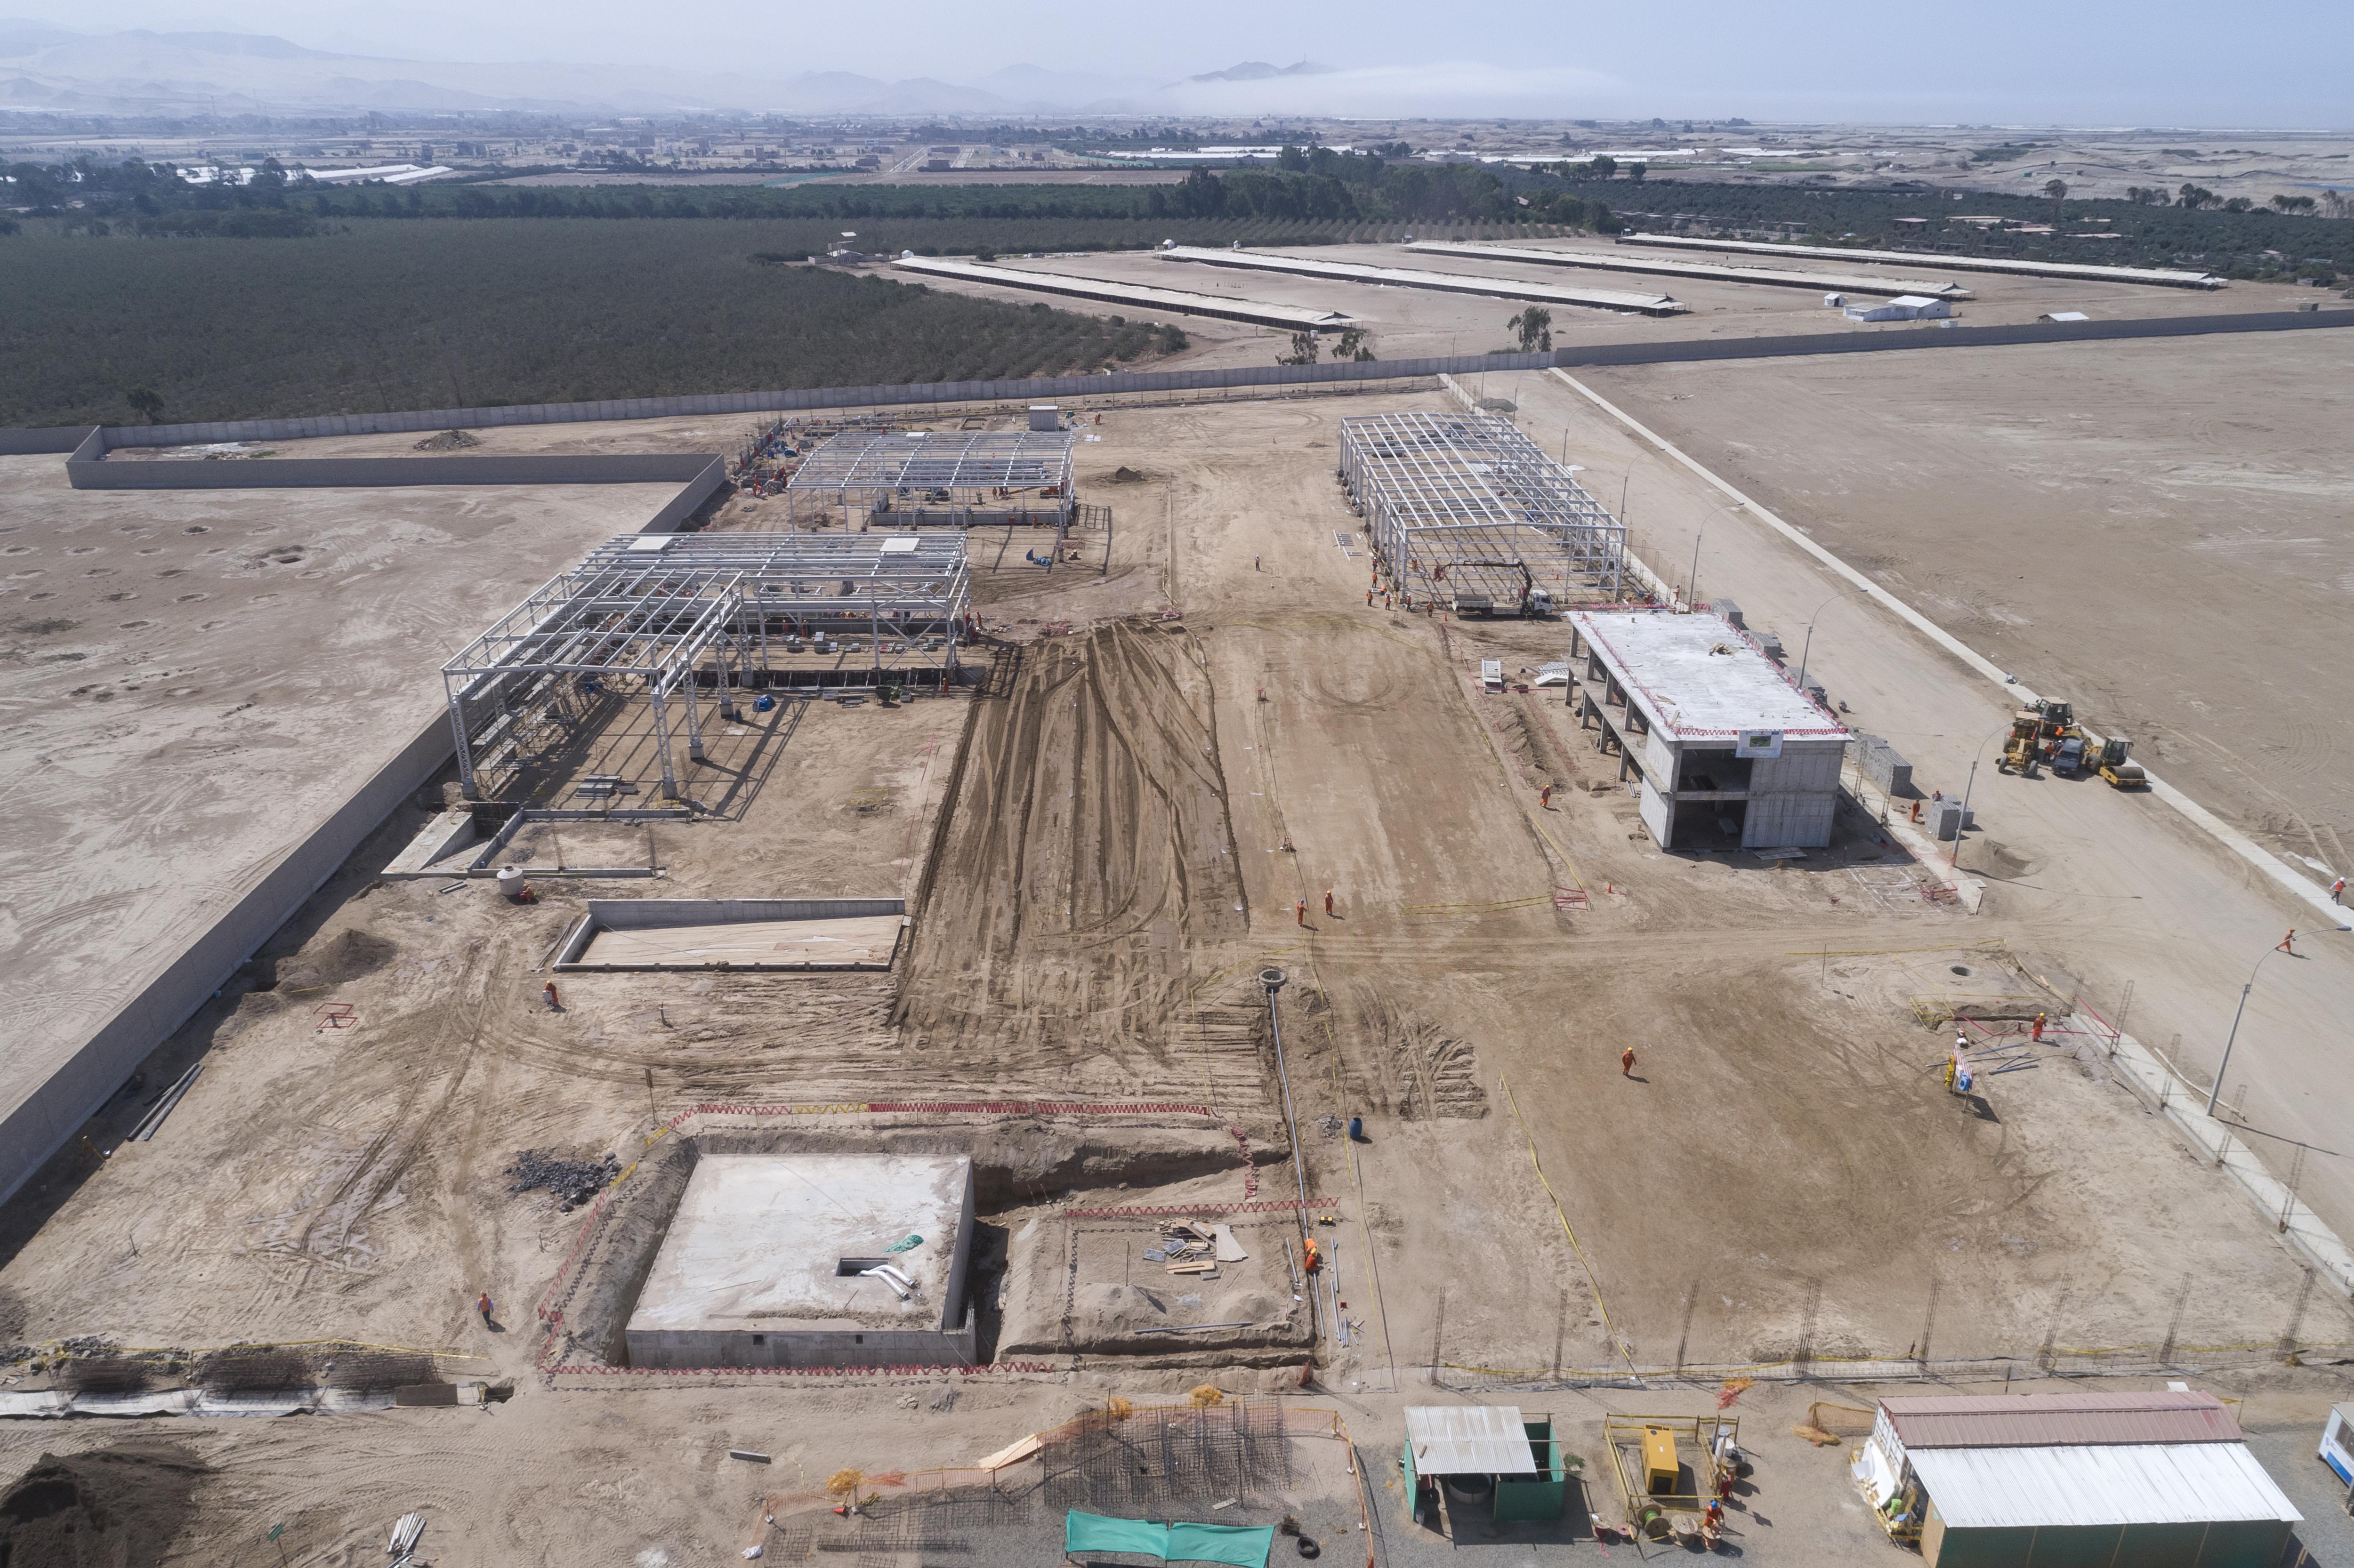 Taller de equipo minero – Construcción de la obras civiles, mecánicas y electromecánicas